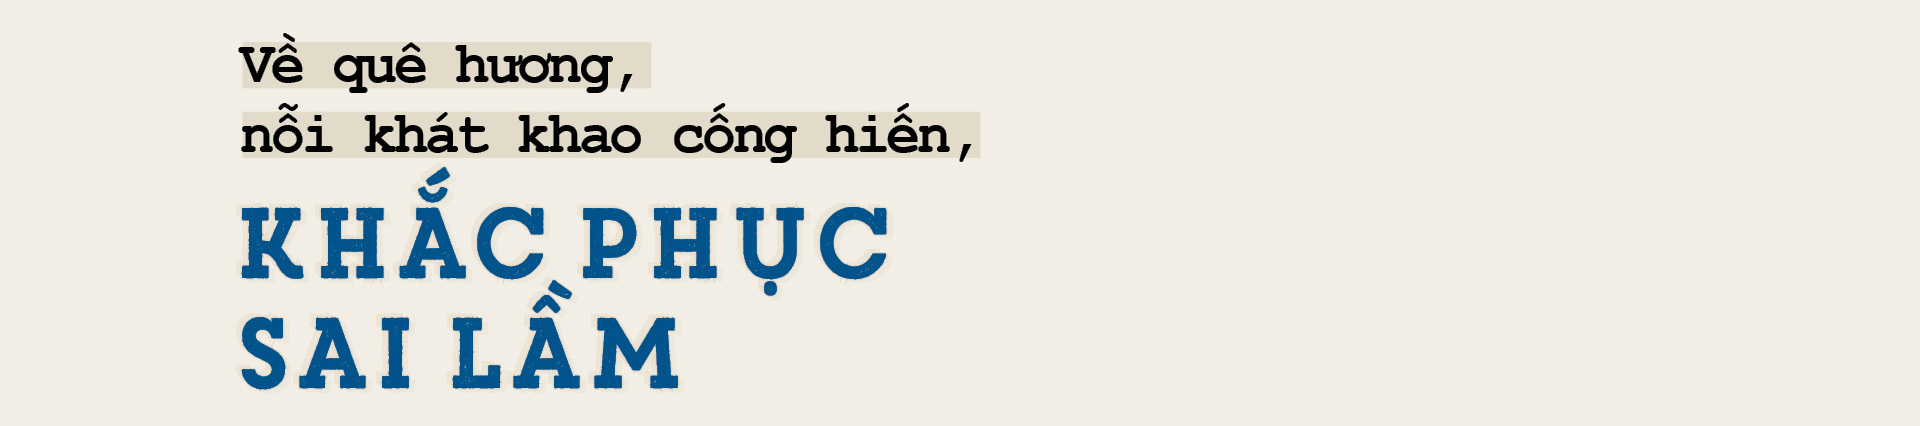 """Hacker Hiếu PC: """"Không phải ngày ra tù, ngày thành thật với bản thân, mới đưa tôi trở lại cuộc đời"""" (Bài 2) - Ảnh 5."""